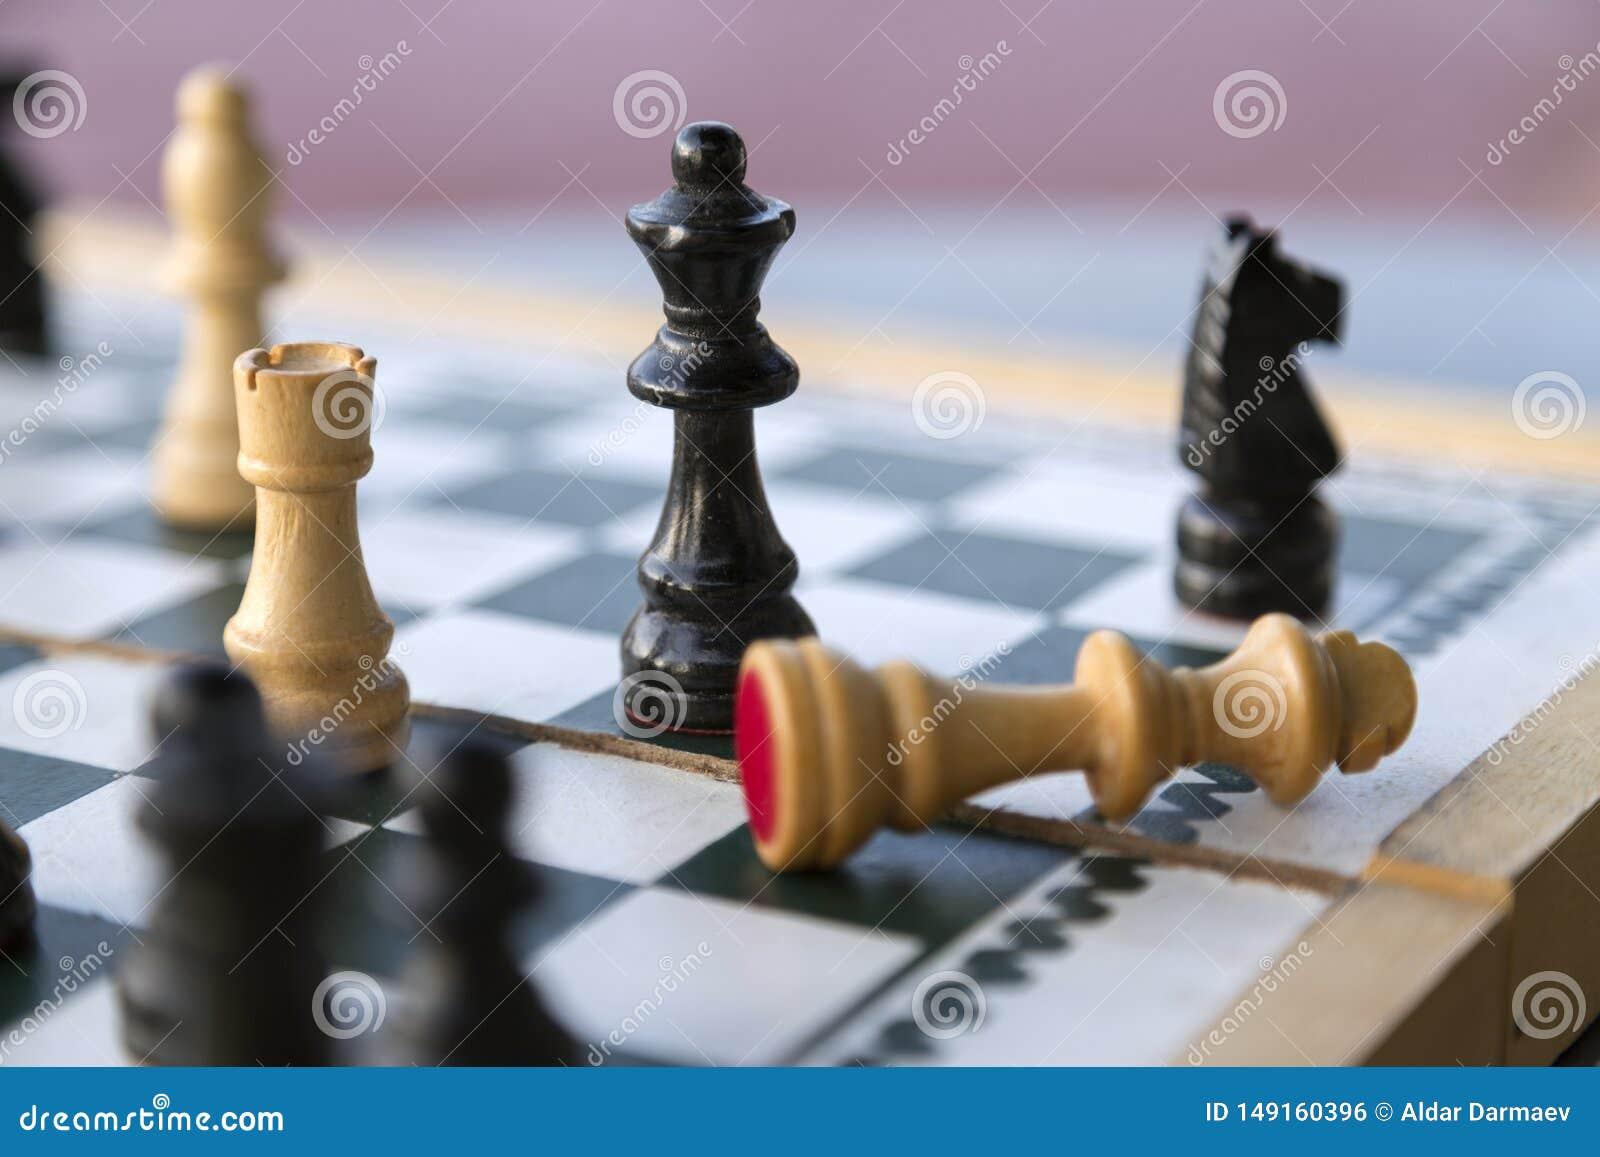 Ξύλινα κομμάτια σκακιού στη σκακιέρα, ματ